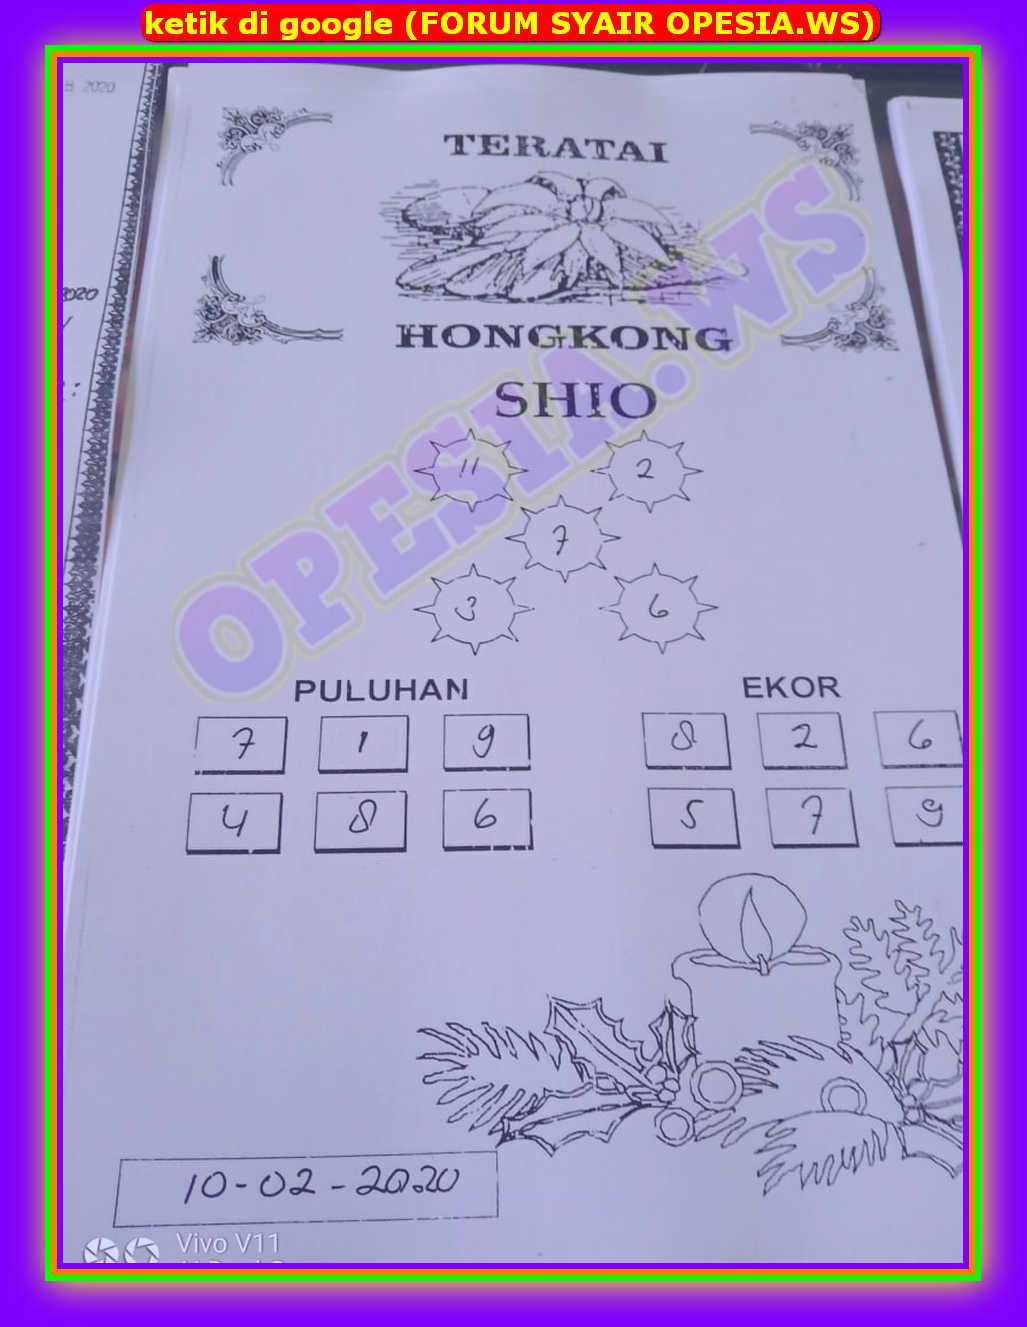 Kode syair Hongkong Senin 10 Februari 2020 44